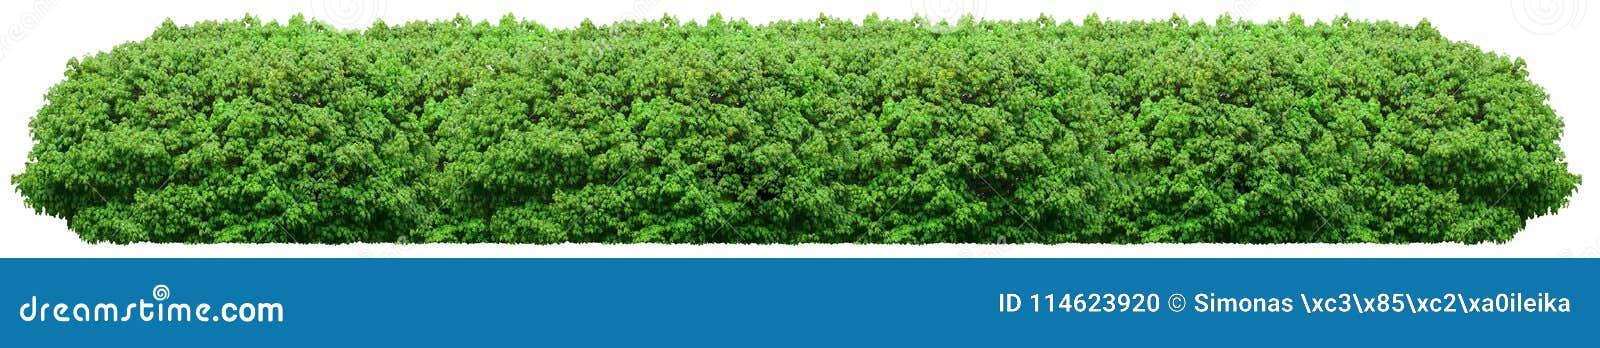 Ny grön buske som isoleras på vit bakgrund